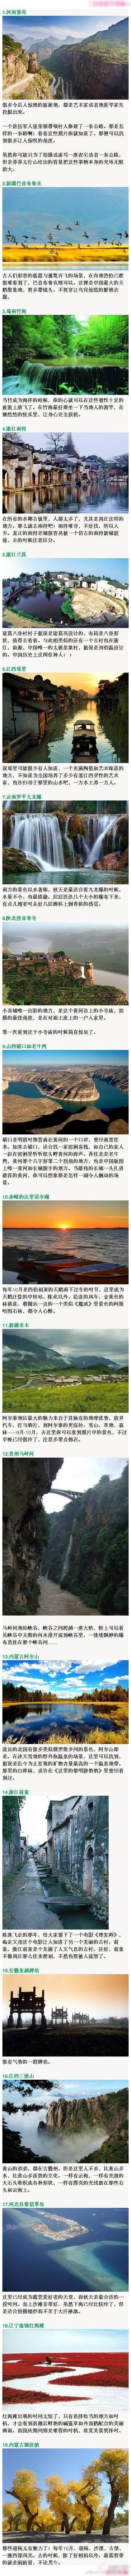 【19个还没有太多游人的中国景点】19个迷人的景点,在它们变成有太多游人的中国式景点之前,小伙伴们快去看看吧!!!